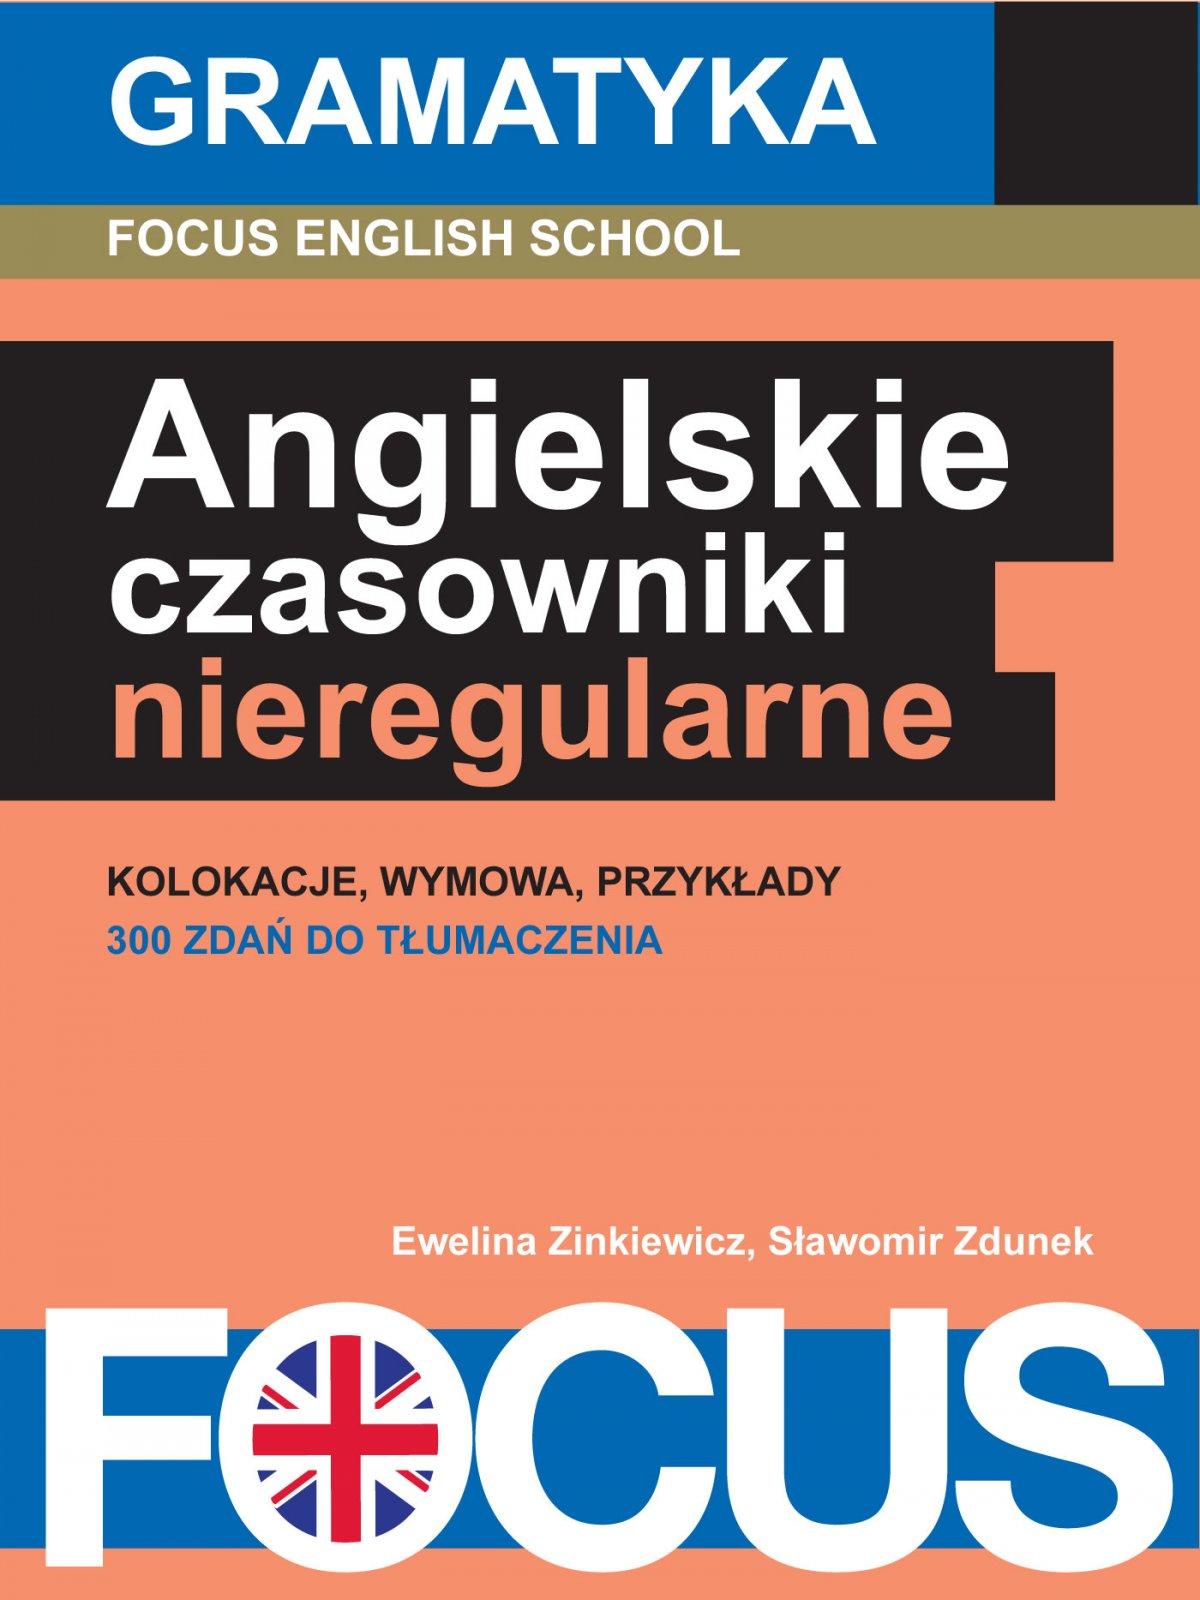 Angielskie czasowniki nieregularne - Ebook (Książka EPUB) do pobrania w formacie EPUB